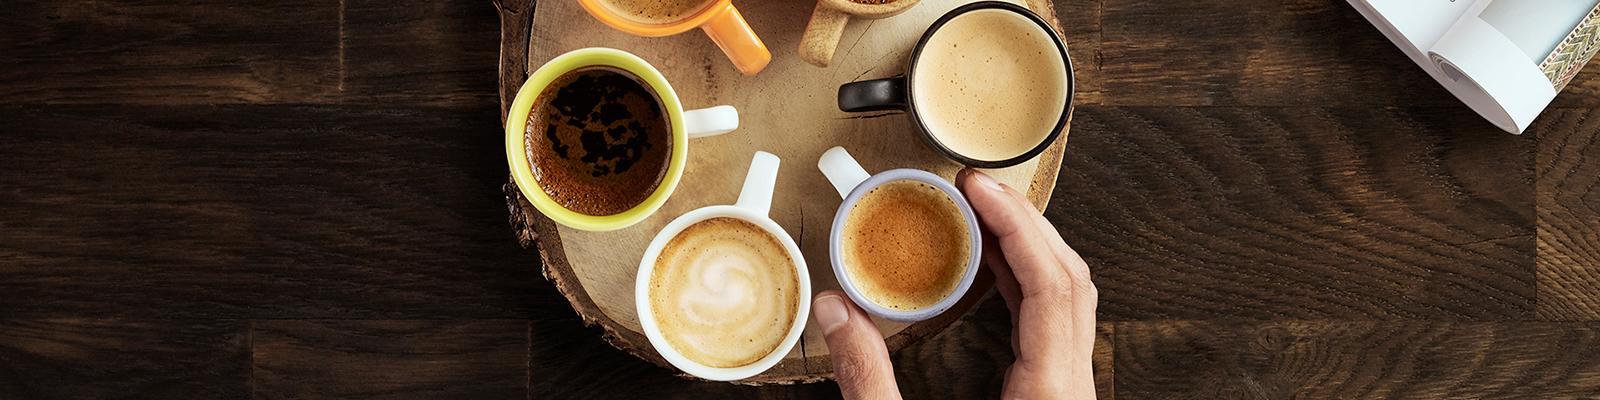 nescafe-cafea-premium